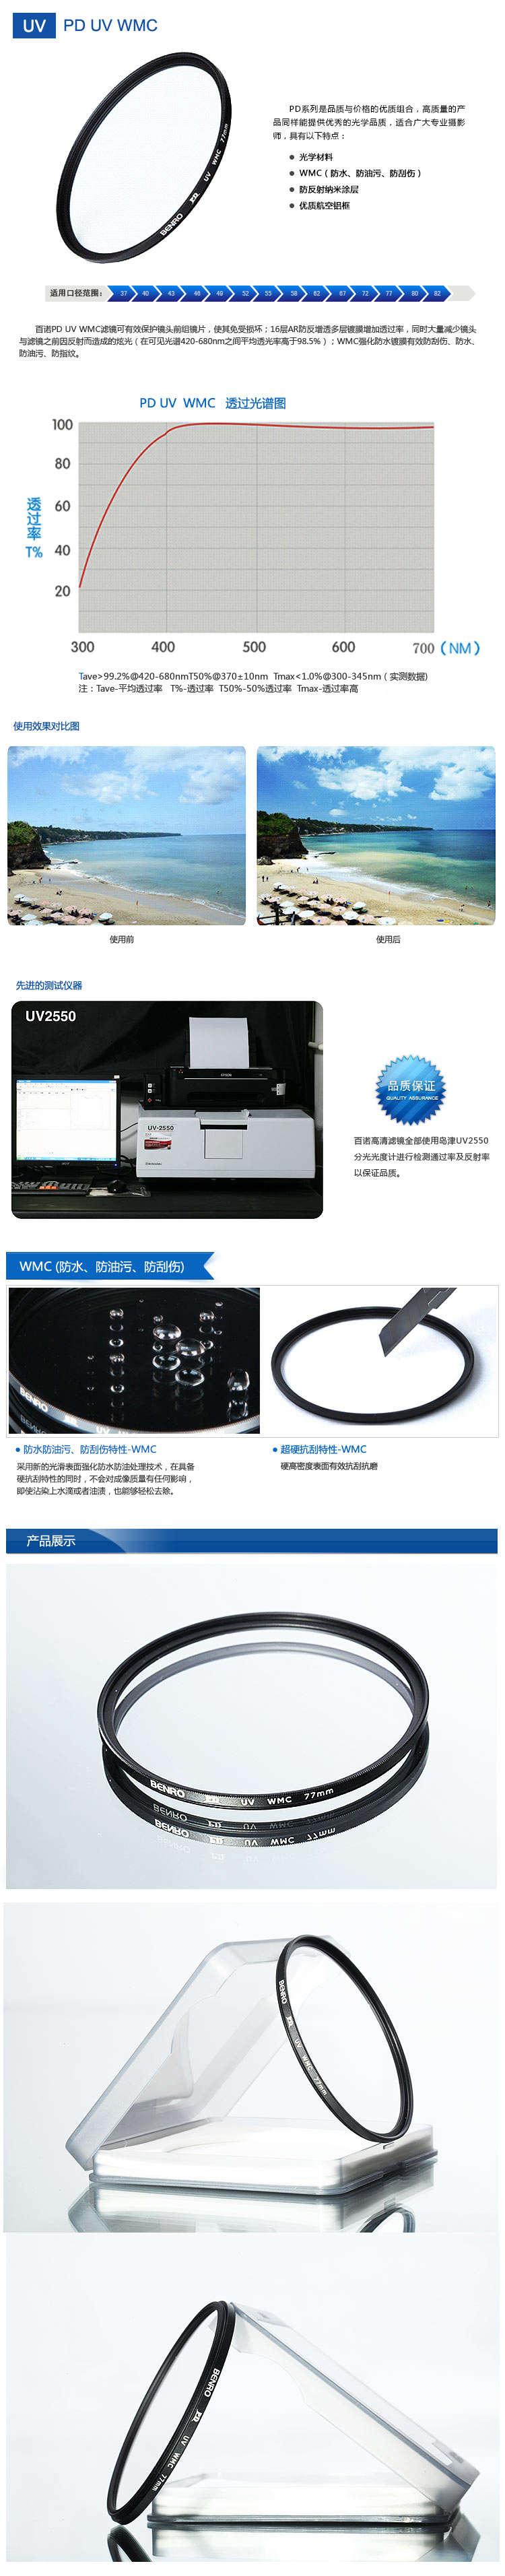 PD UV WMC.jpg